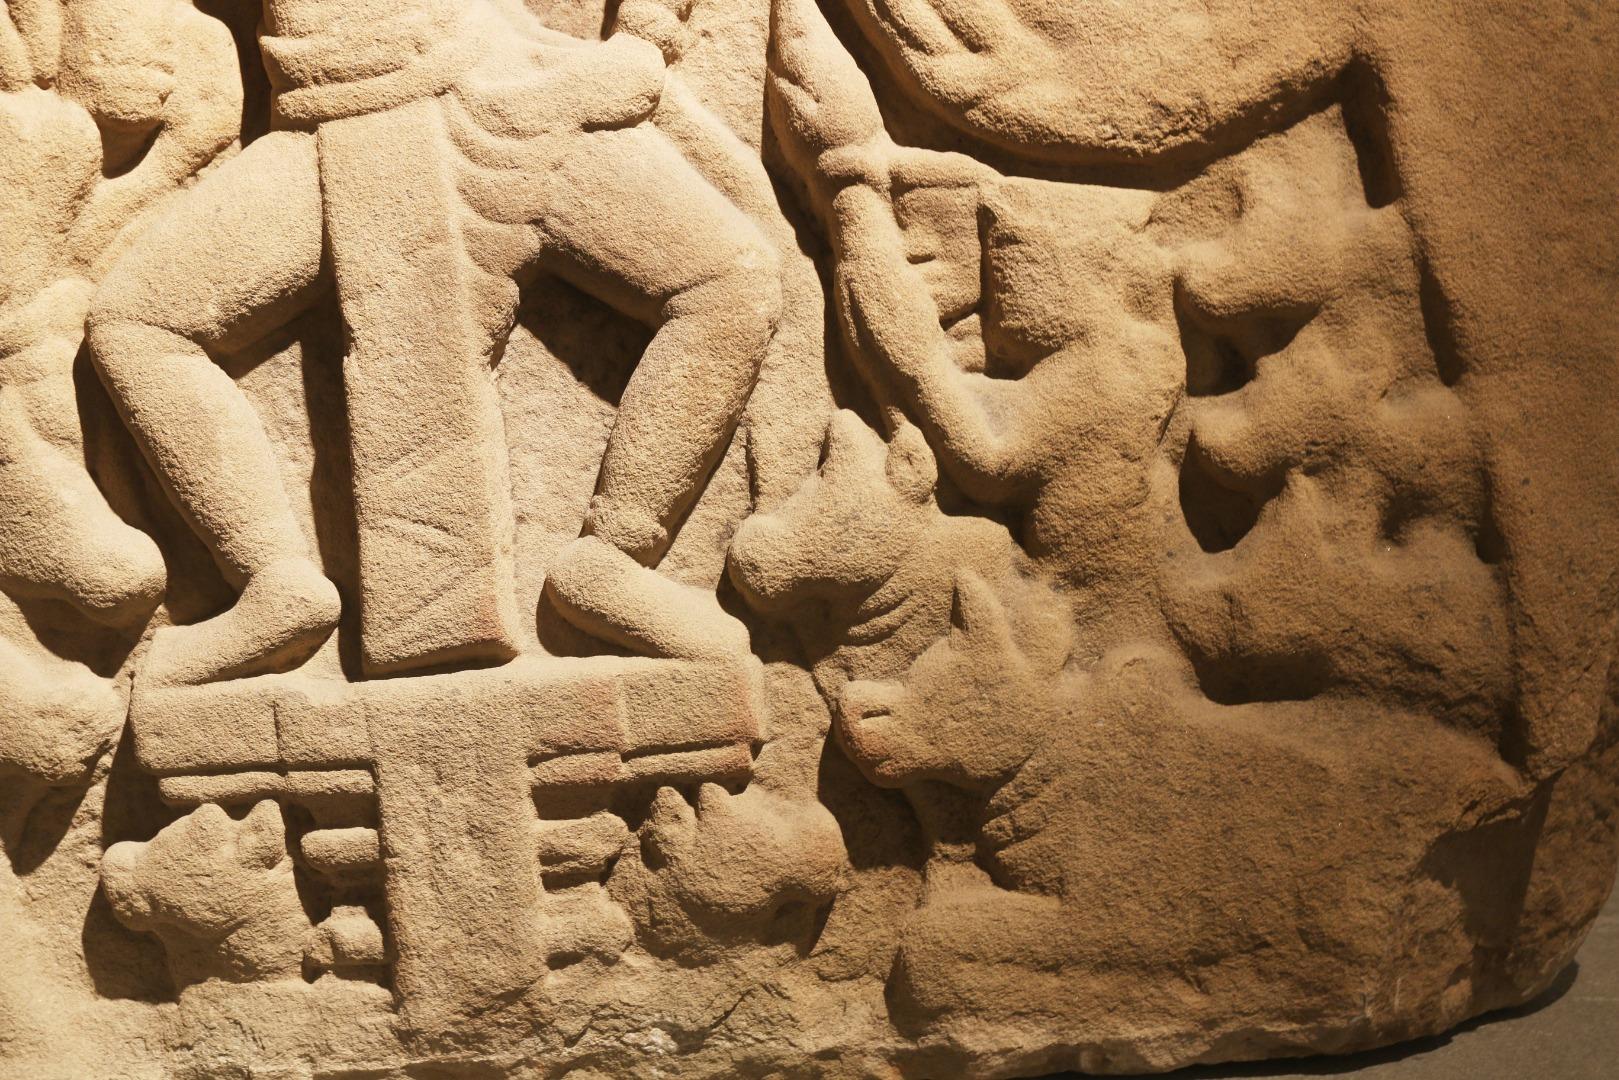 Phần dưới thể hiện những con bò nằm kề bên Krishna vì ngài là thần mục đồng, thường ca hát thổi sáo rong chơi trên những cánh đồng bát ngát